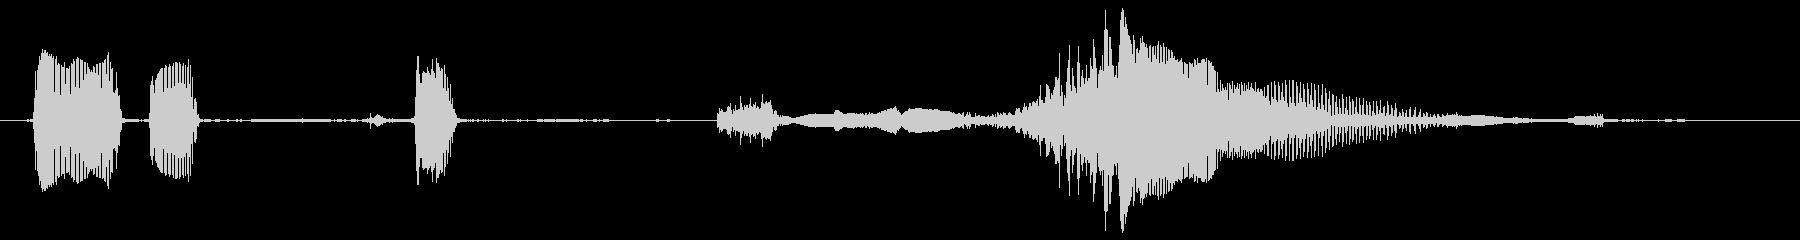 赤ちゃんの笑い声(コンデンサマイク使用)の未再生の波形